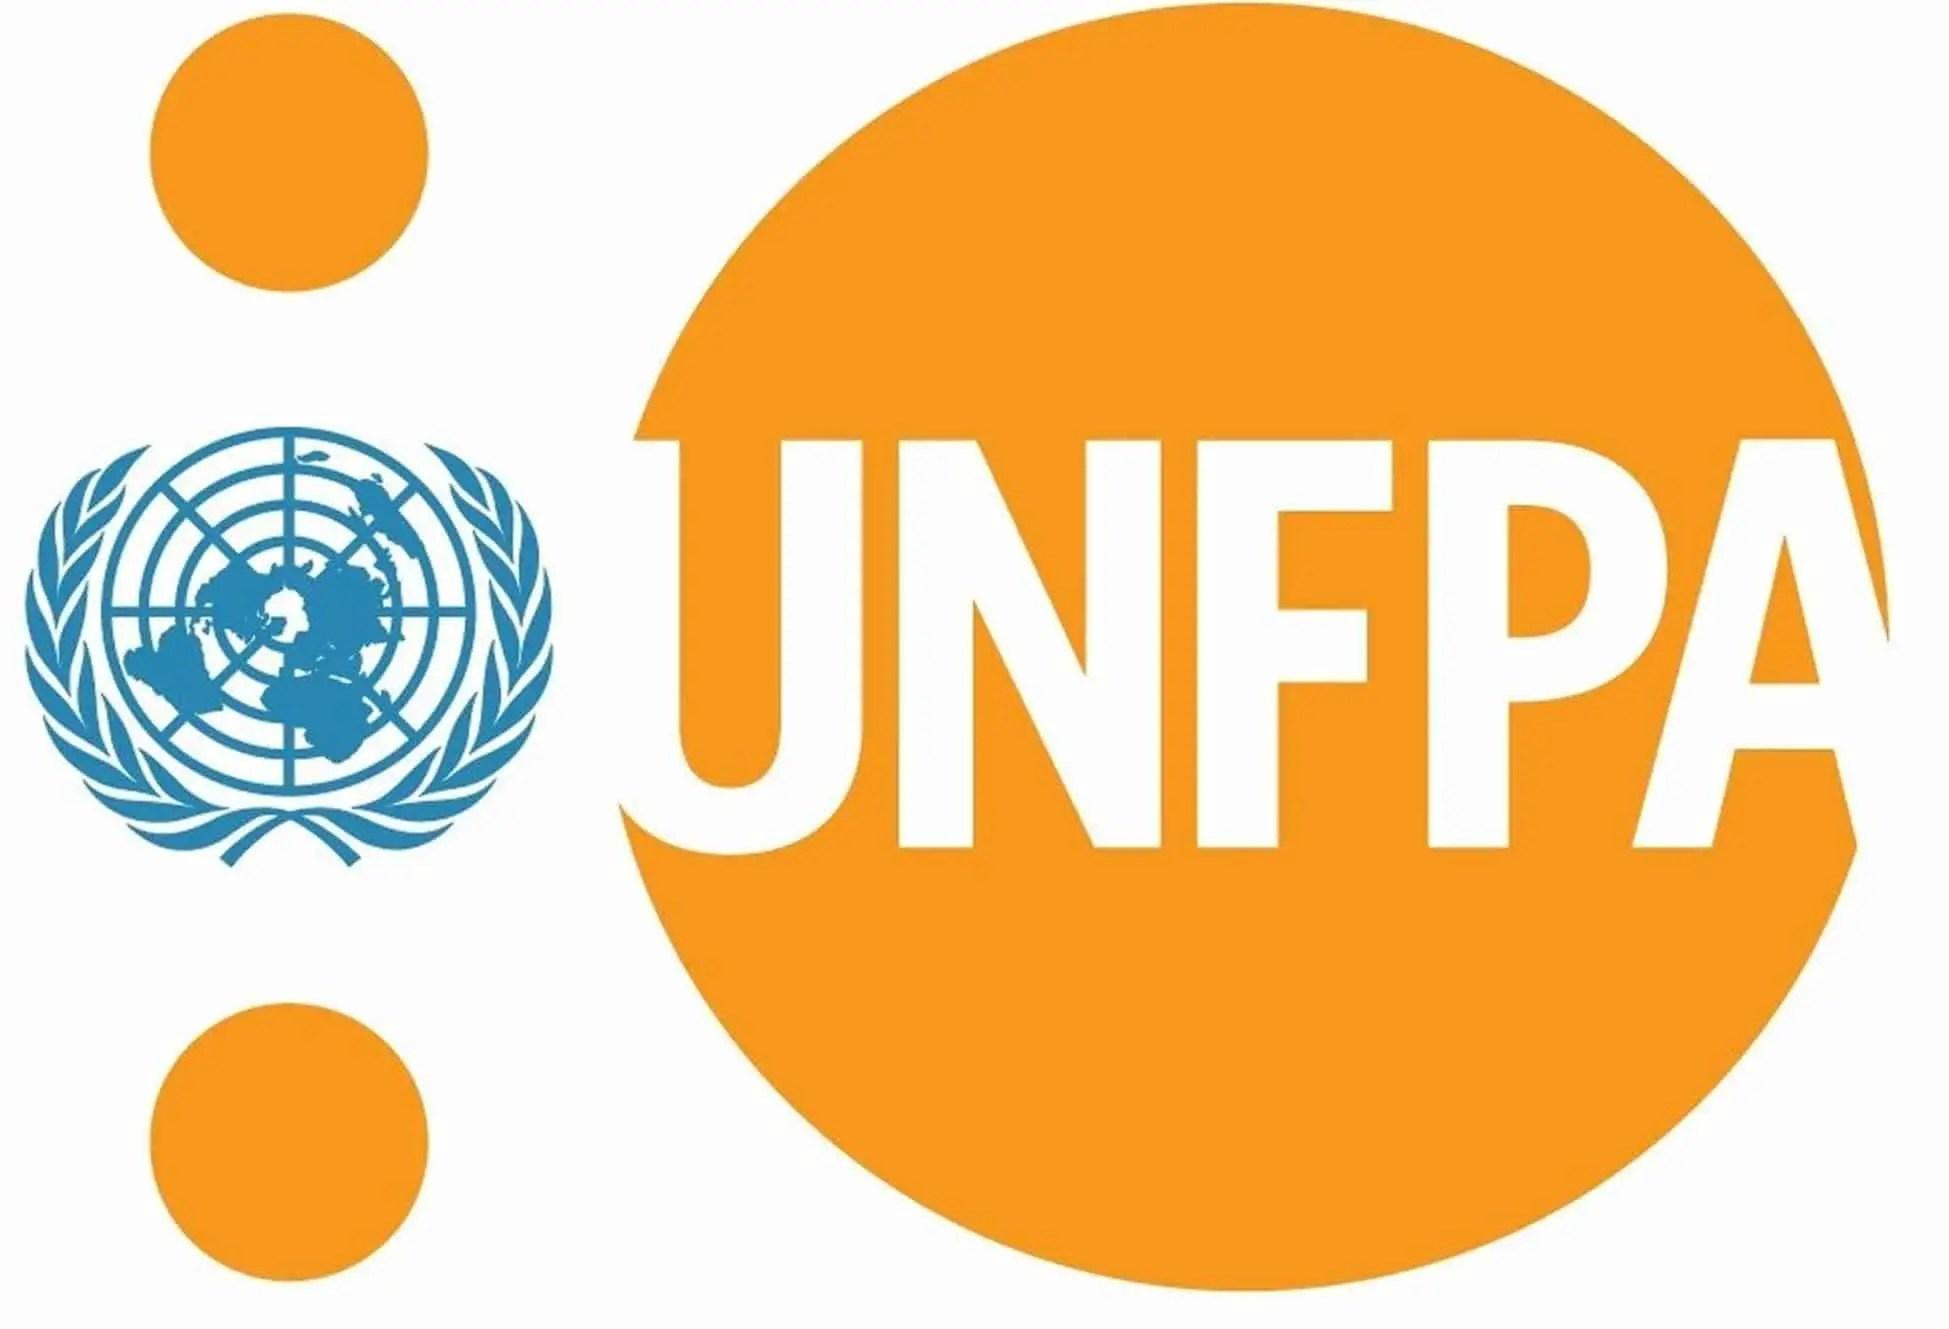 فرصة تدريب لطلاب الماجستير والدكتوراه مقدمة من صندوق الأمم المتحدة للسكان 2020